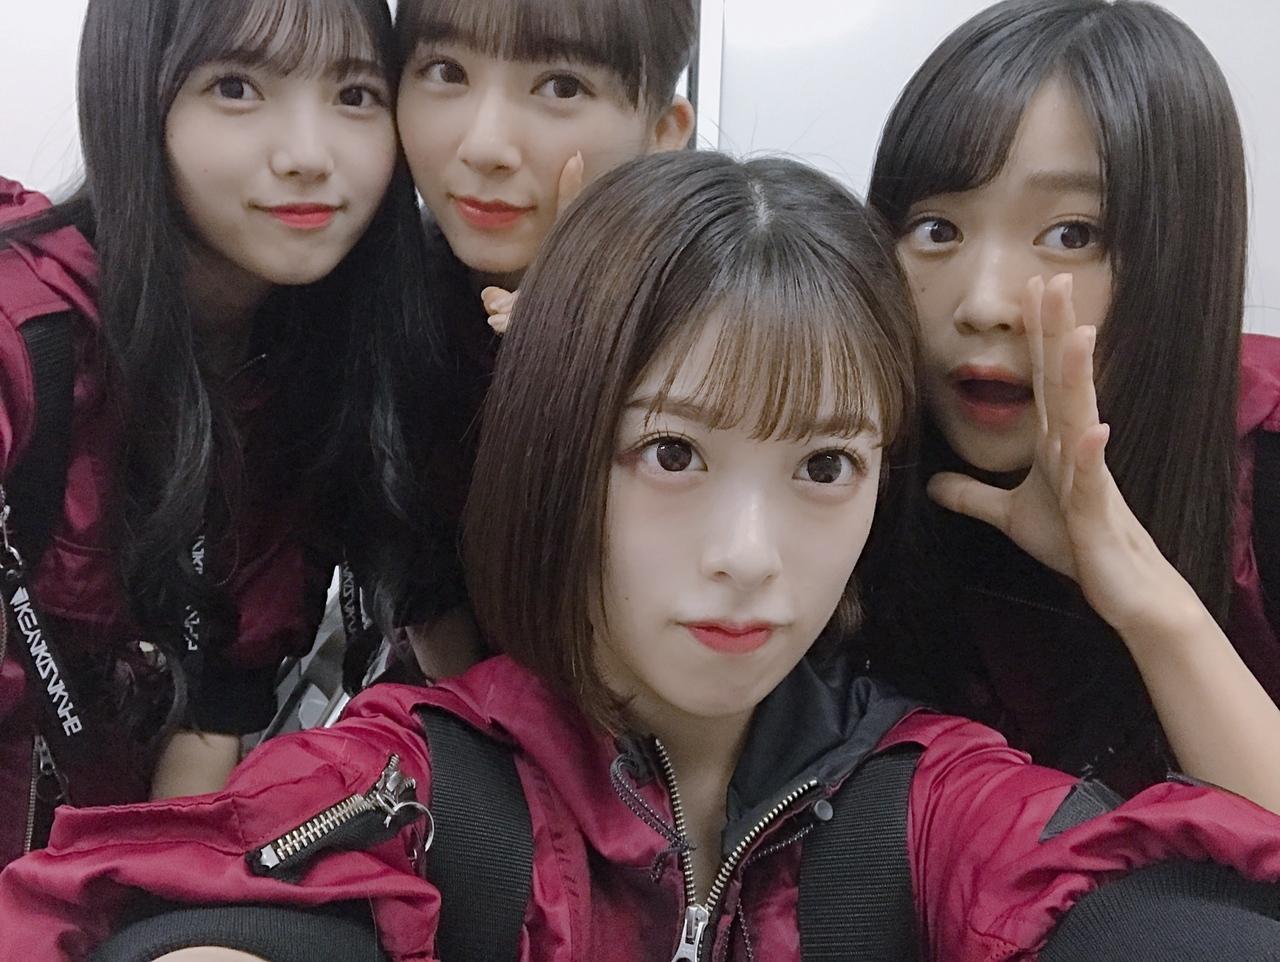 ニュース「山口真帆が卒業発表!!!」欅イジメ5人衆「ひぃっ・・・・・」